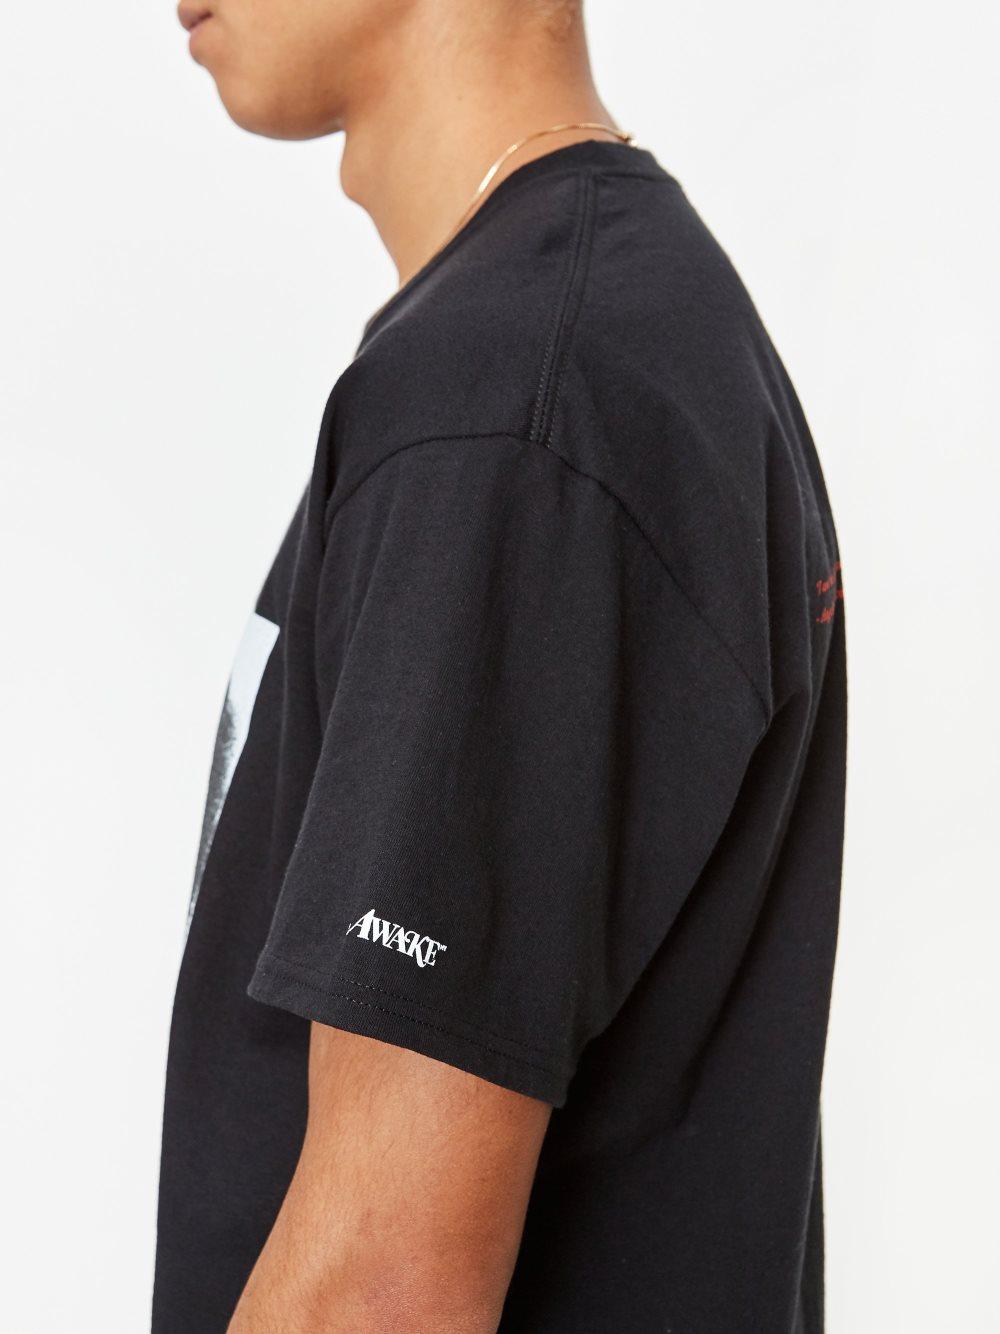 Awake Angela Davis T shirt Black 5